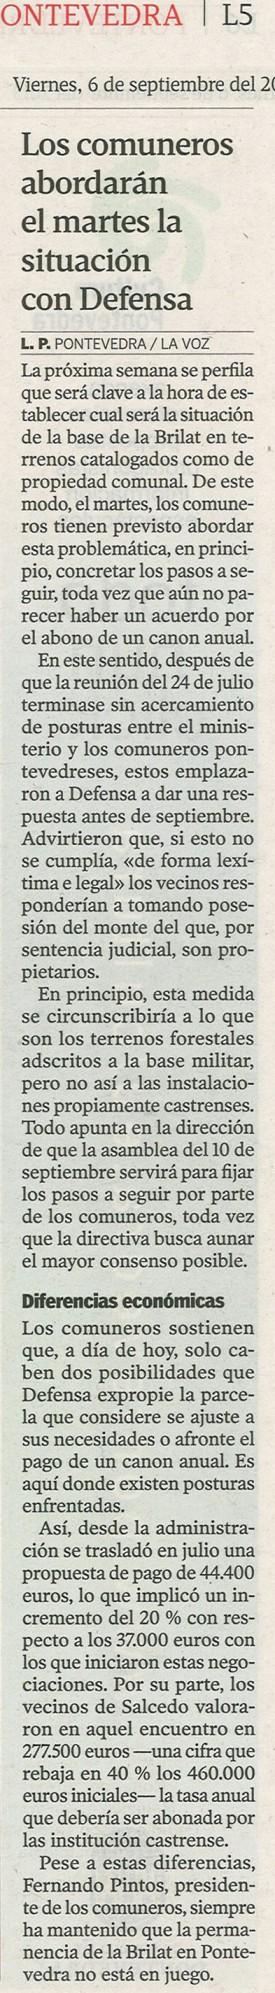 La Voz, 6 de septiembre de 2013.